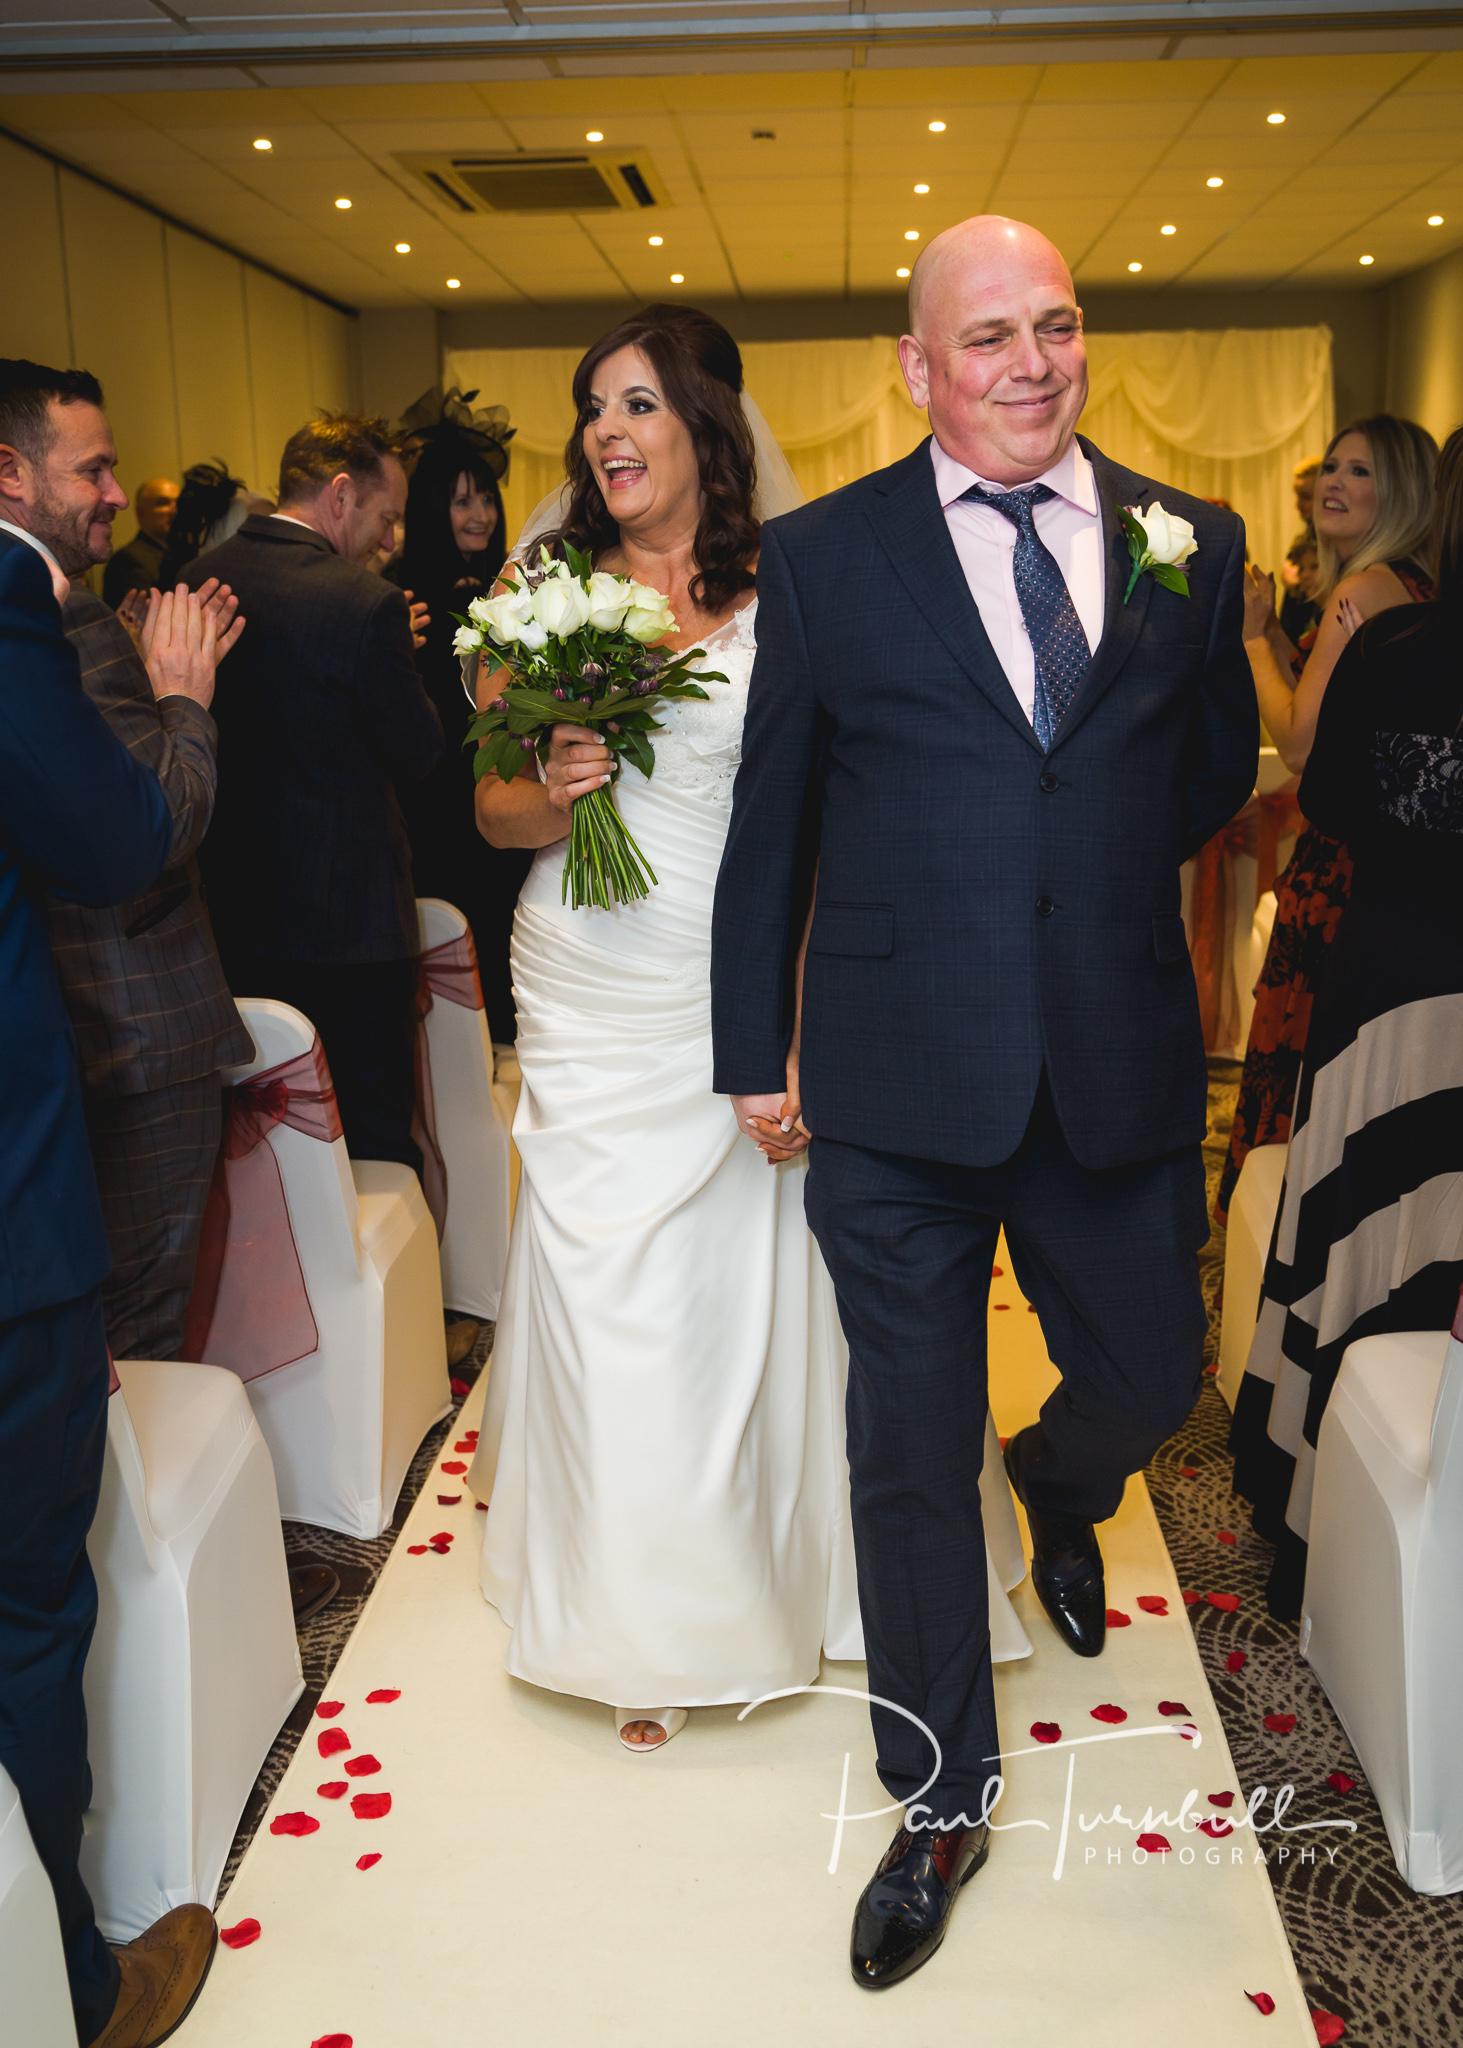 wedding-photographer-leeds-holiday-inn-garforth-037.jpg